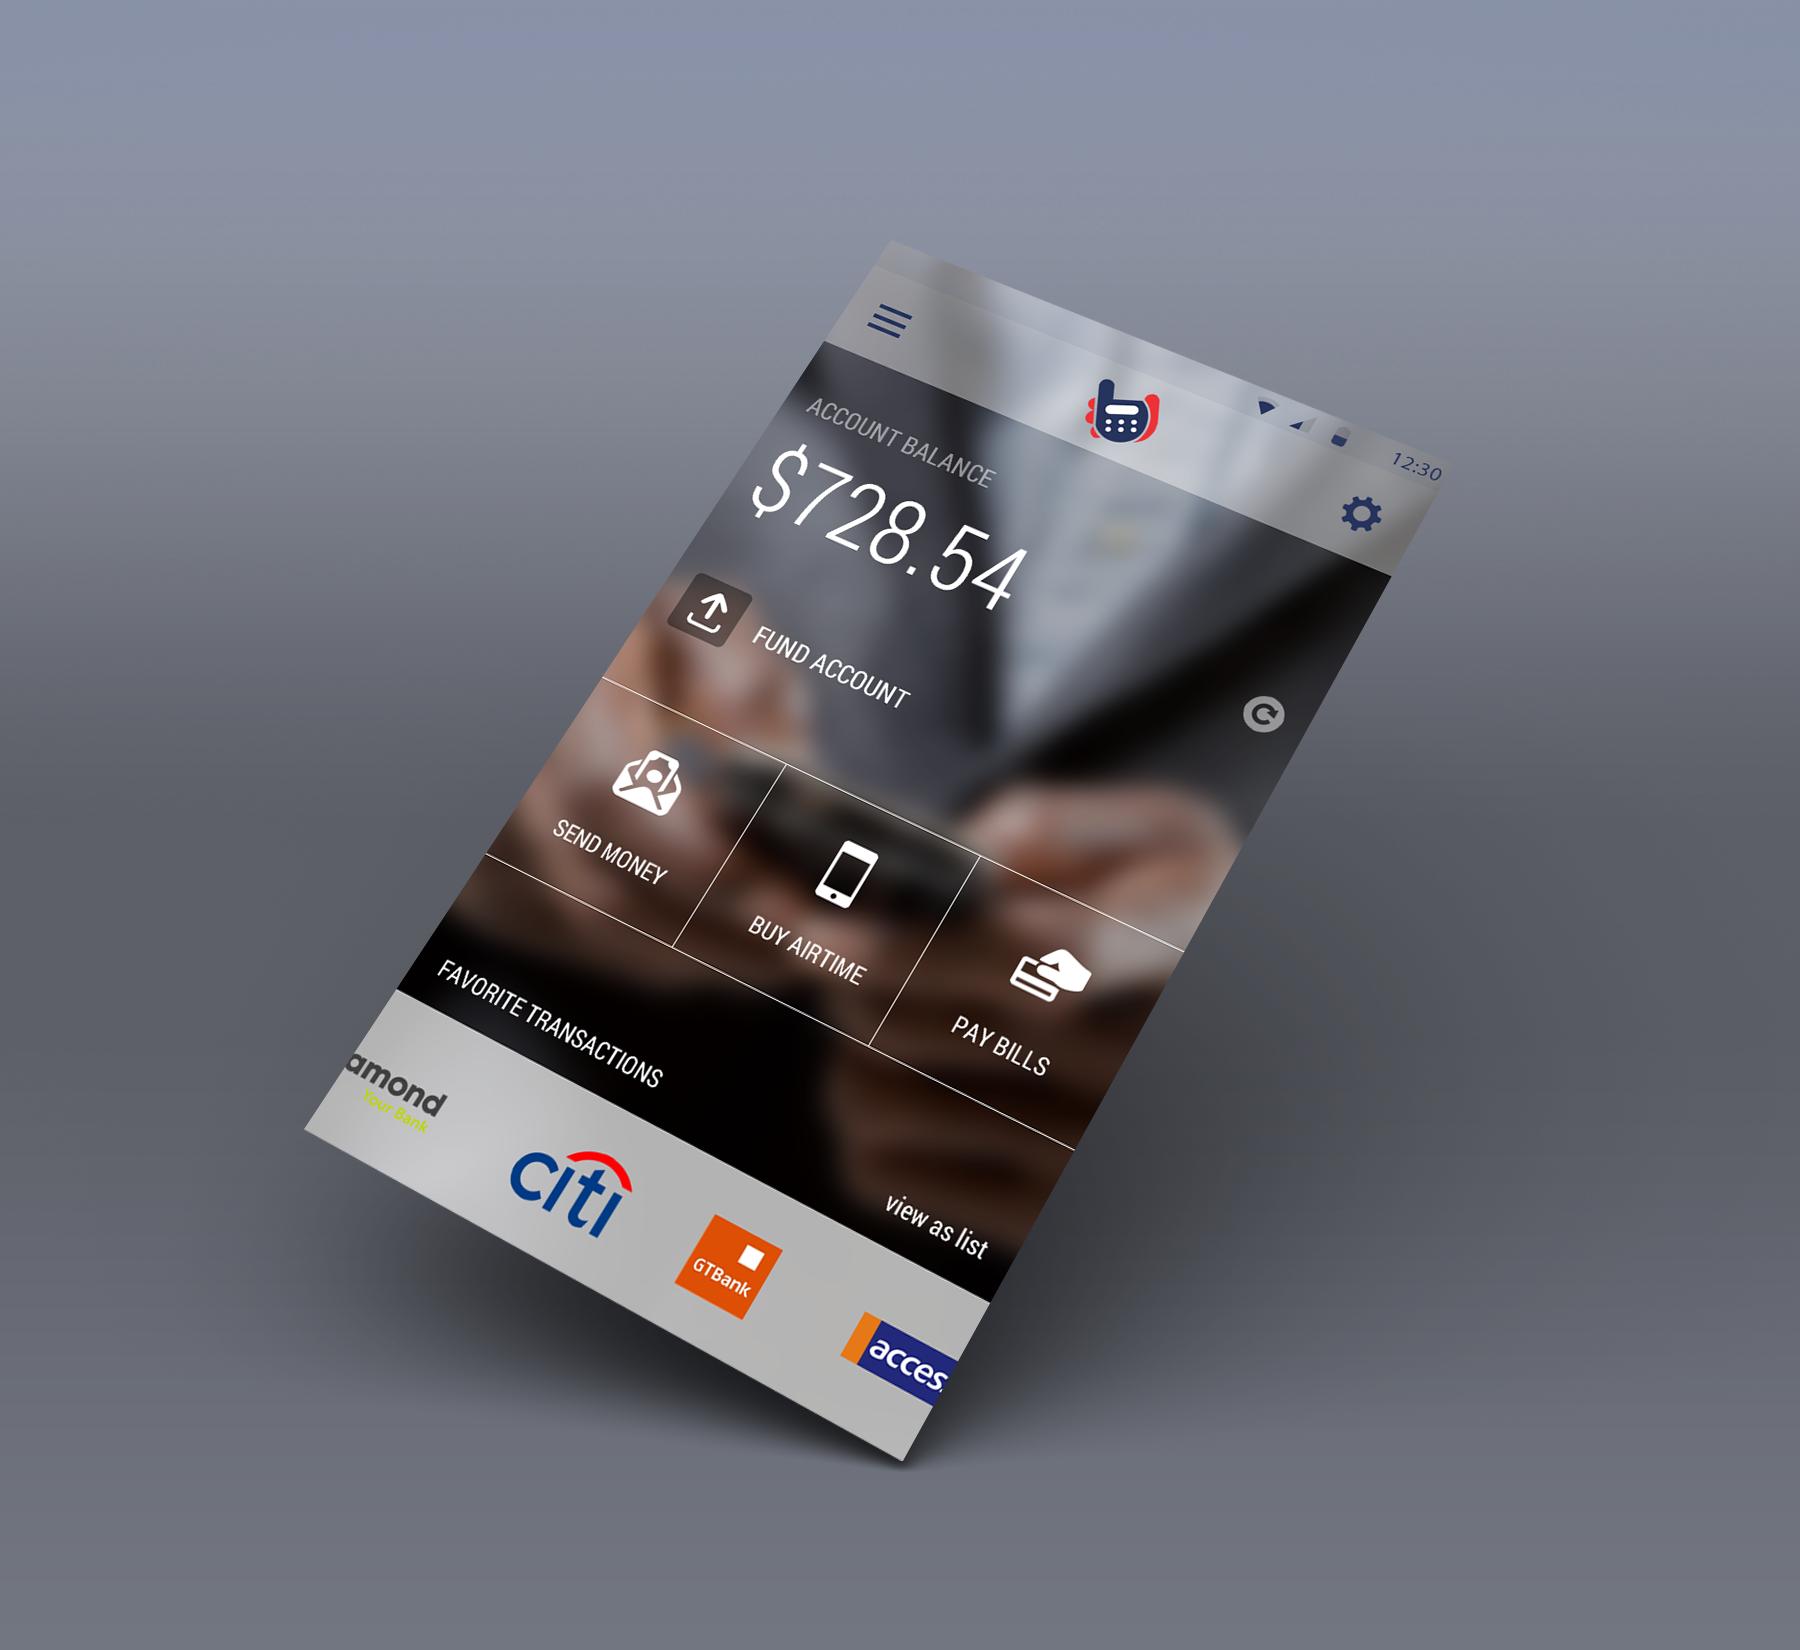 Banking user interface